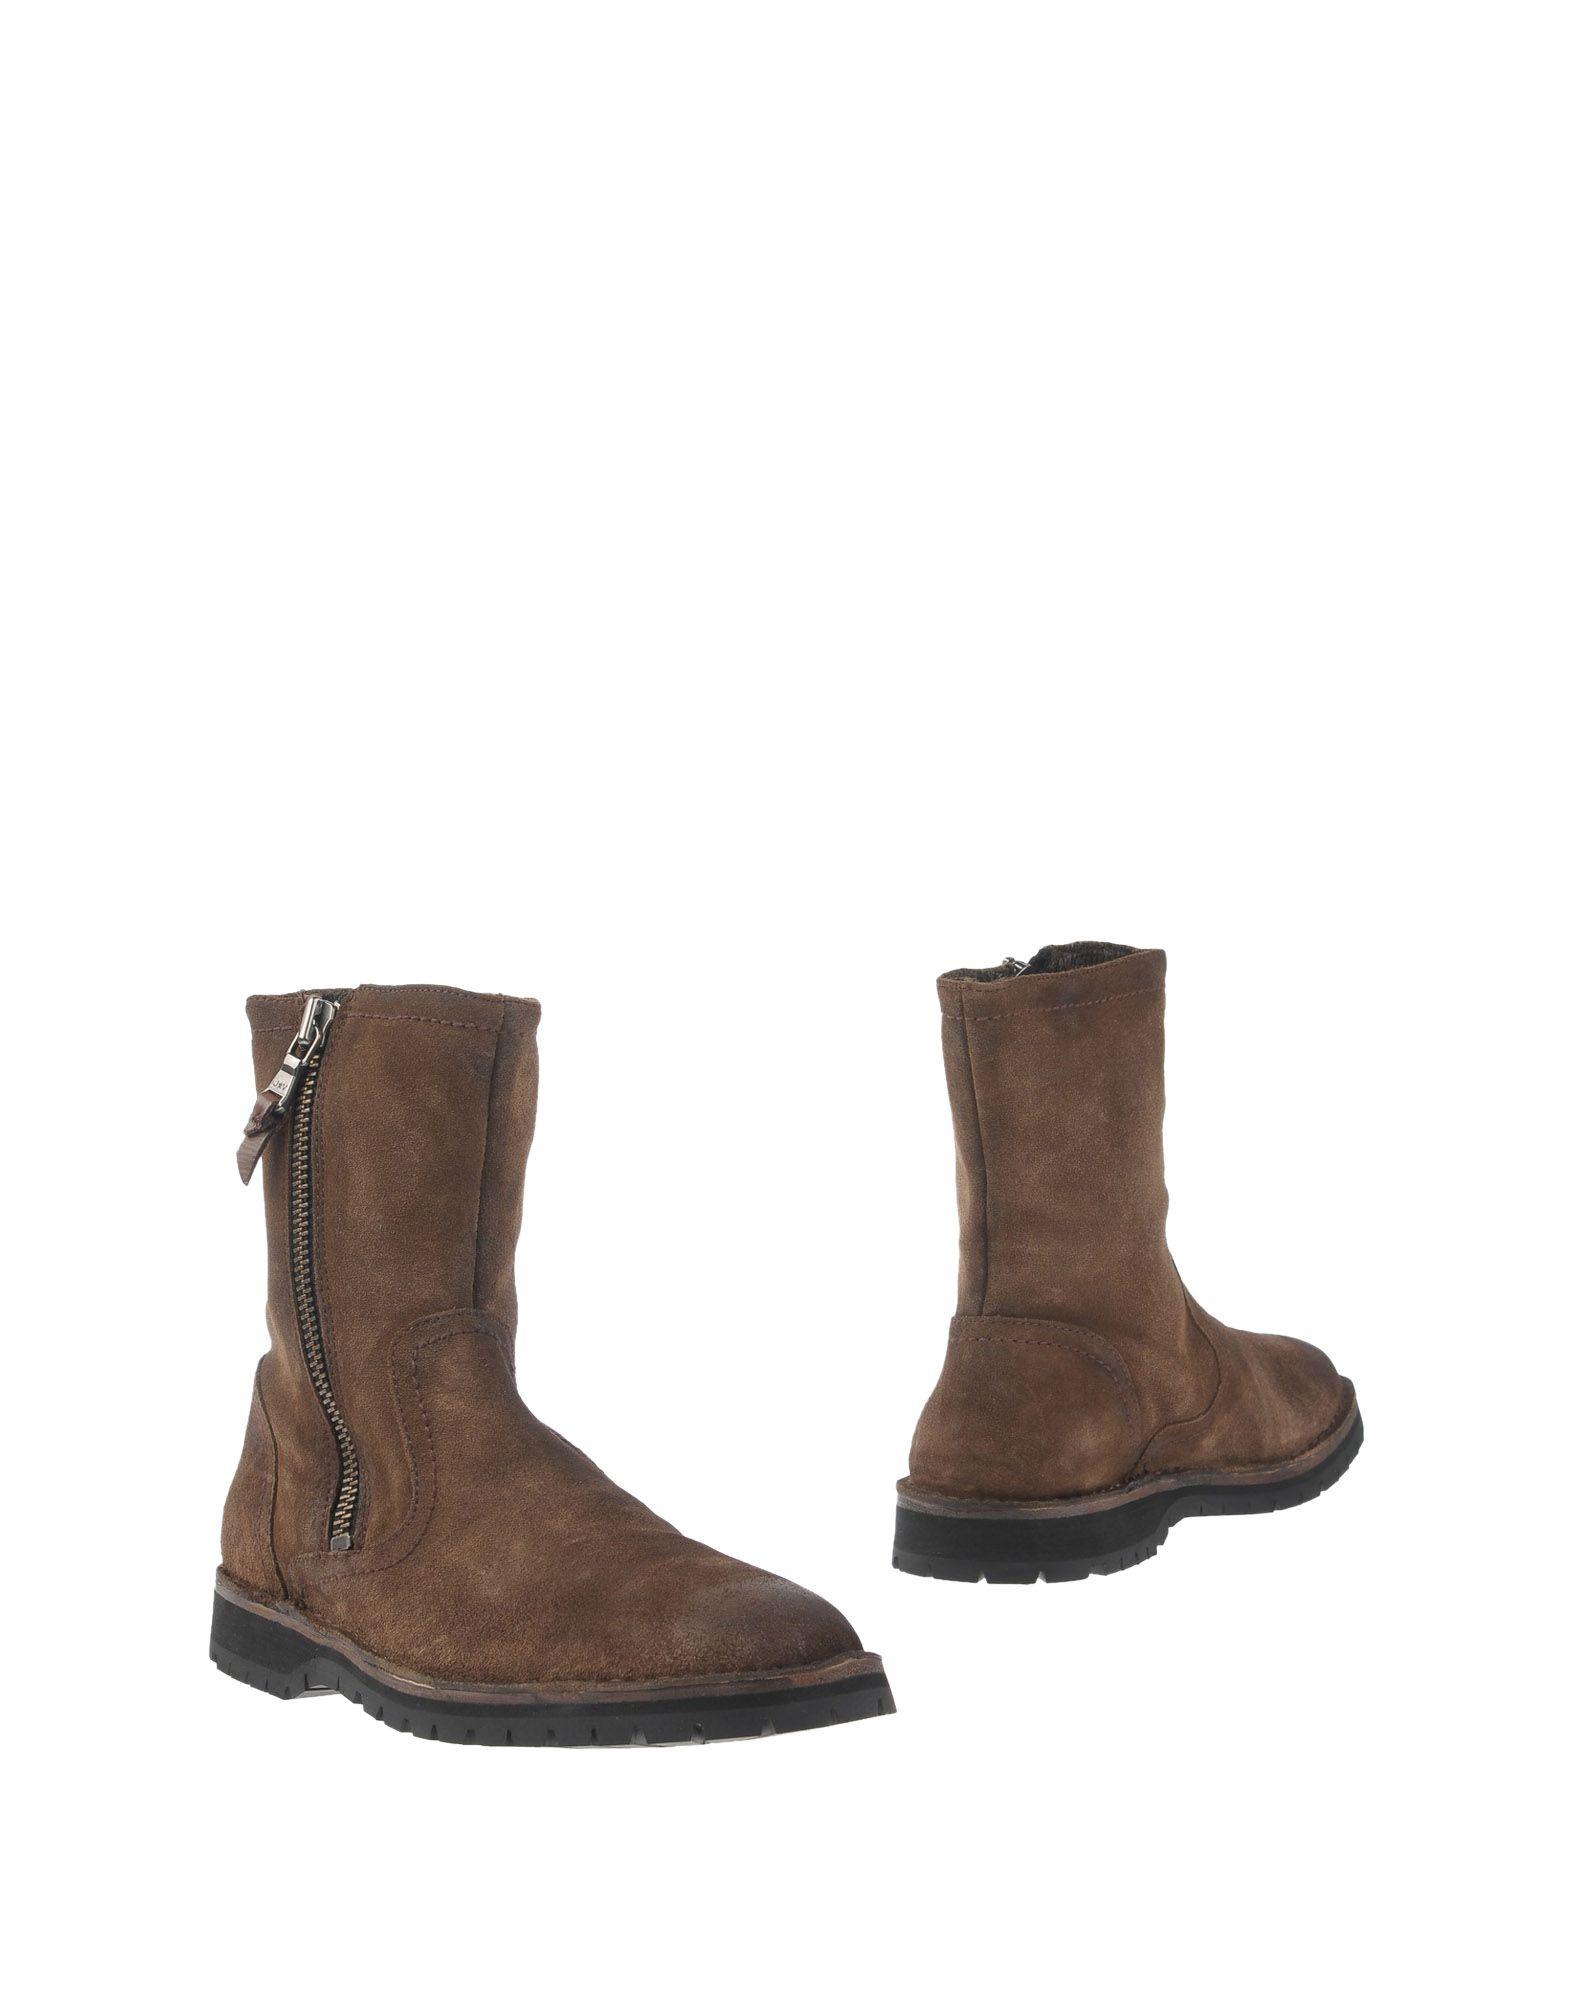 Rabatt echte Schuhe John Varvatos ★ U.S.A. Stiefelette Herren  11283653RR 11283653RR  9d6232